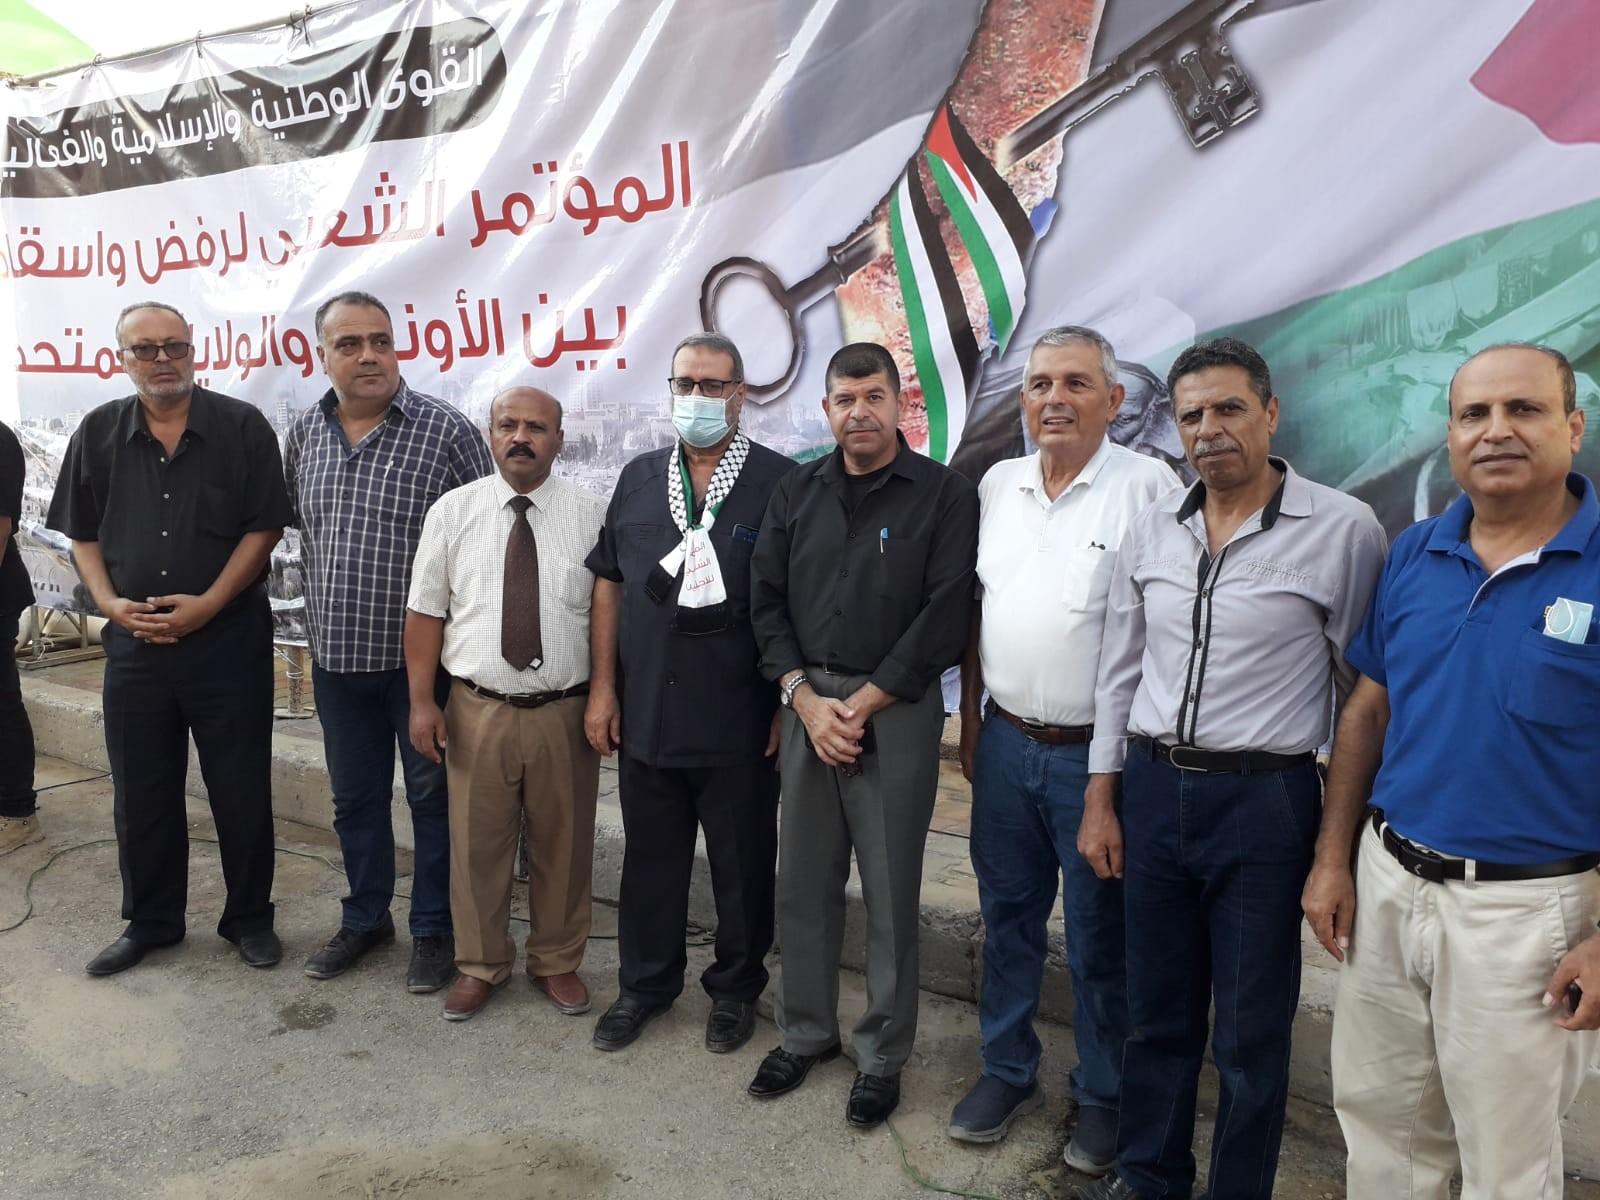 لتجمع  الفلسطيني  للوطن و الشتات  يشارك في المؤتمر  الشعبي رفضا لإتفاق الإطار بين  الأونروا و الخارجية الأمريكية  2